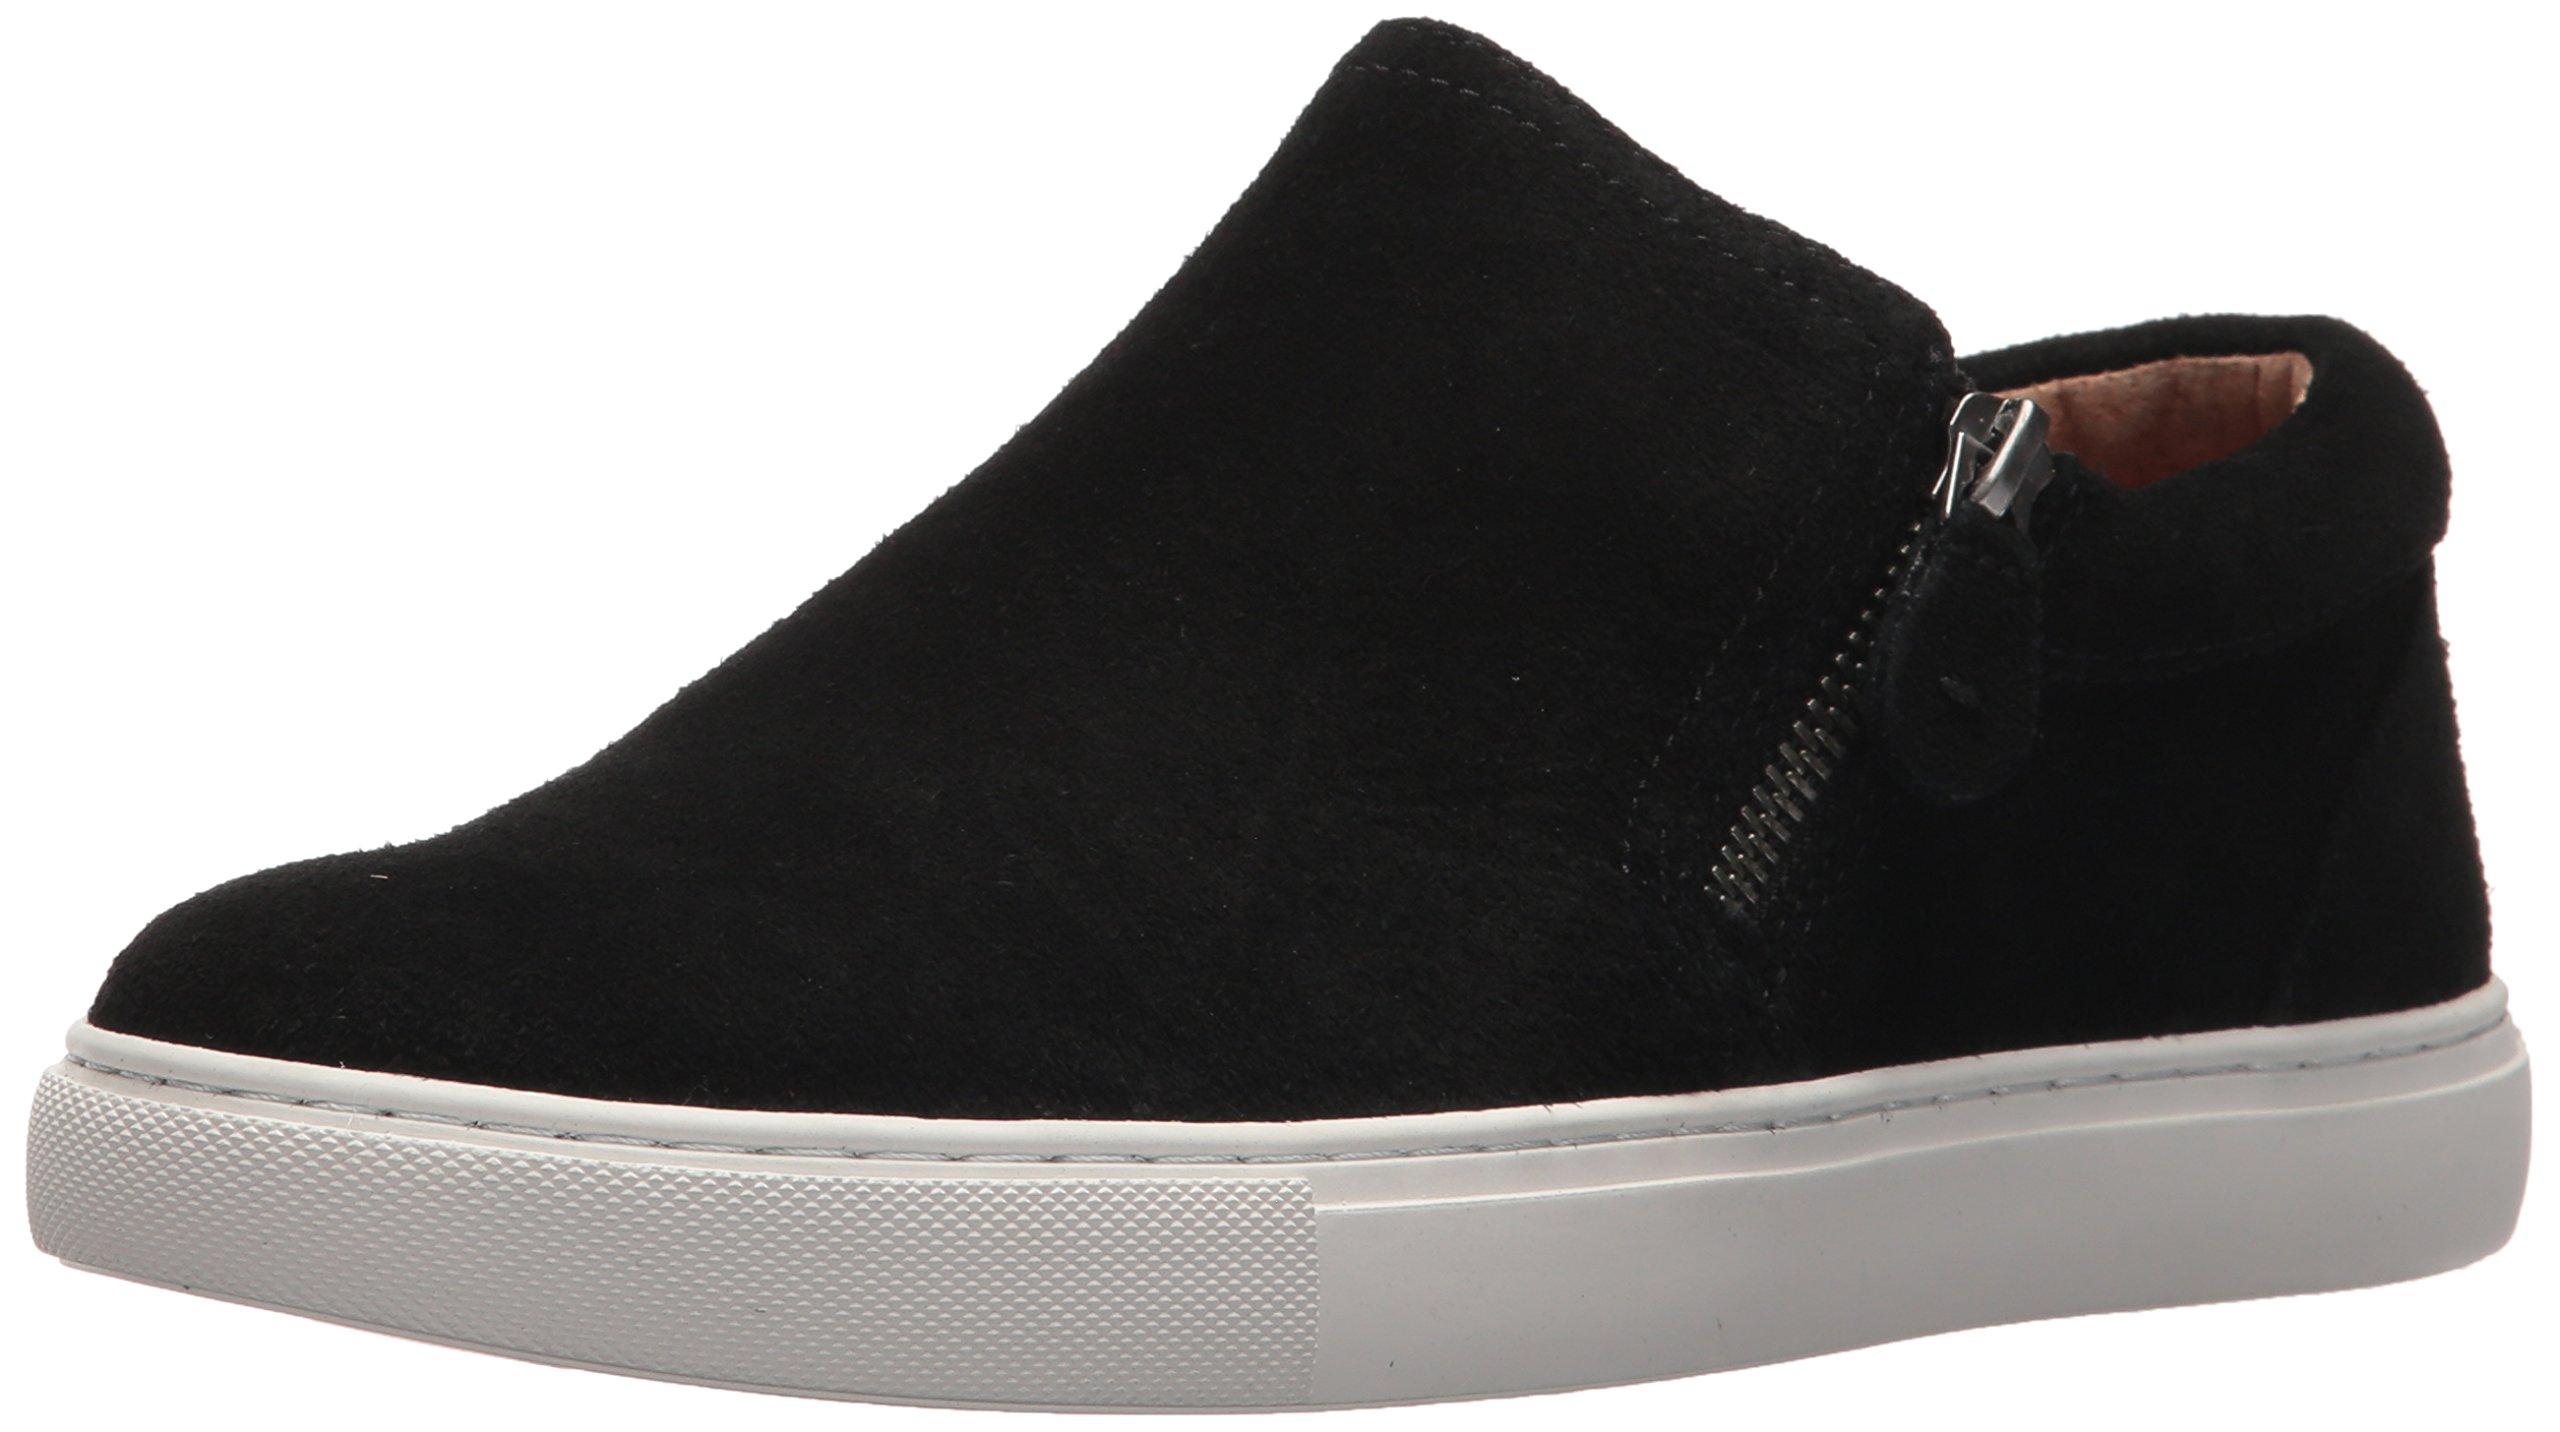 Gentle Souls Women's Double Zip Low Profile Sneaker, Black, 8.5 M US